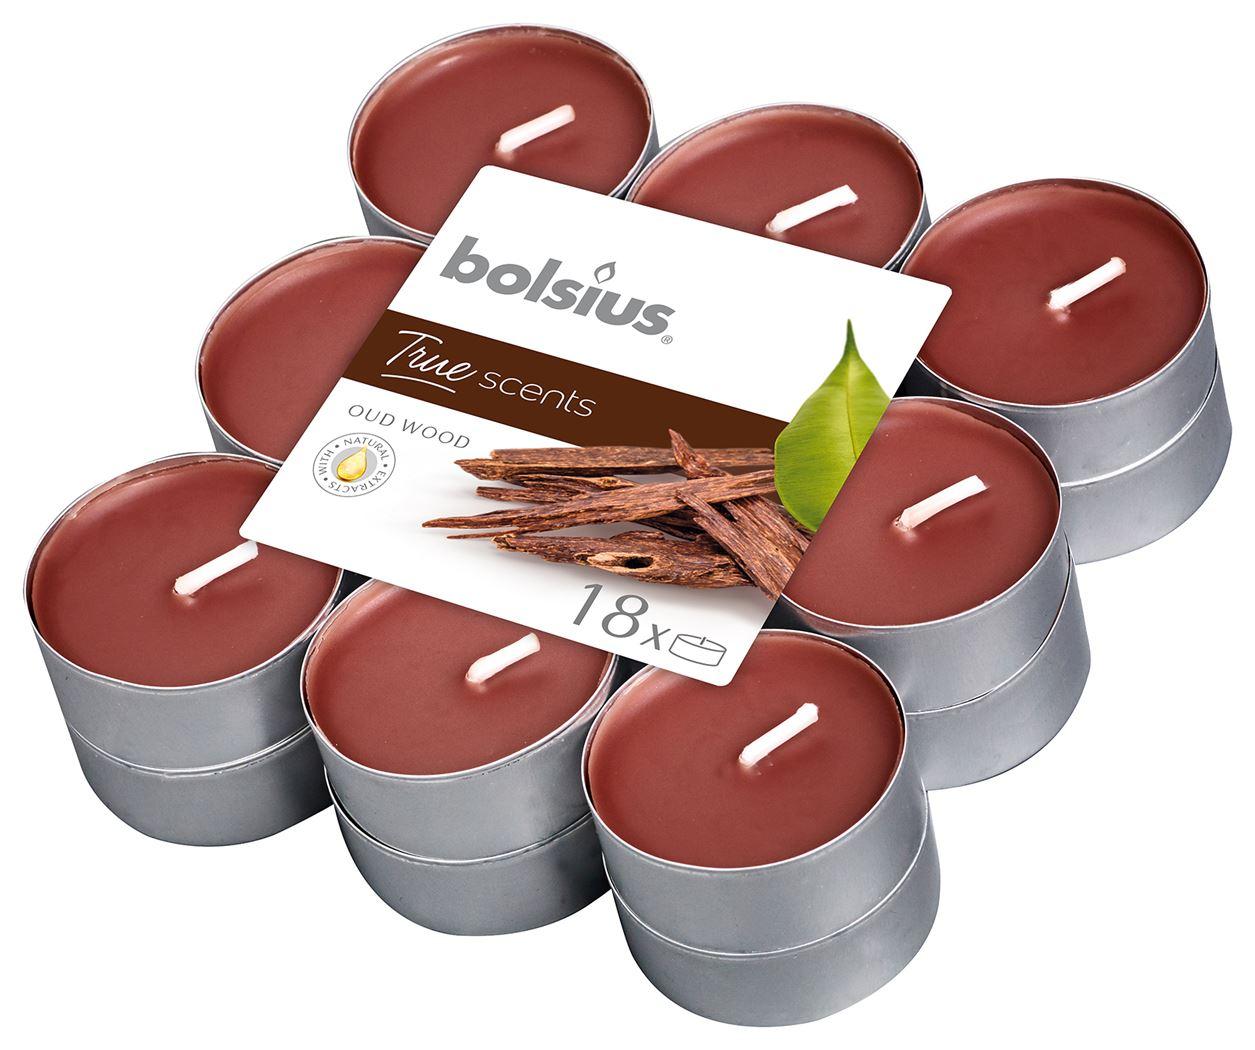 bolsius geurtheelicht true scents oud wood (18sts)